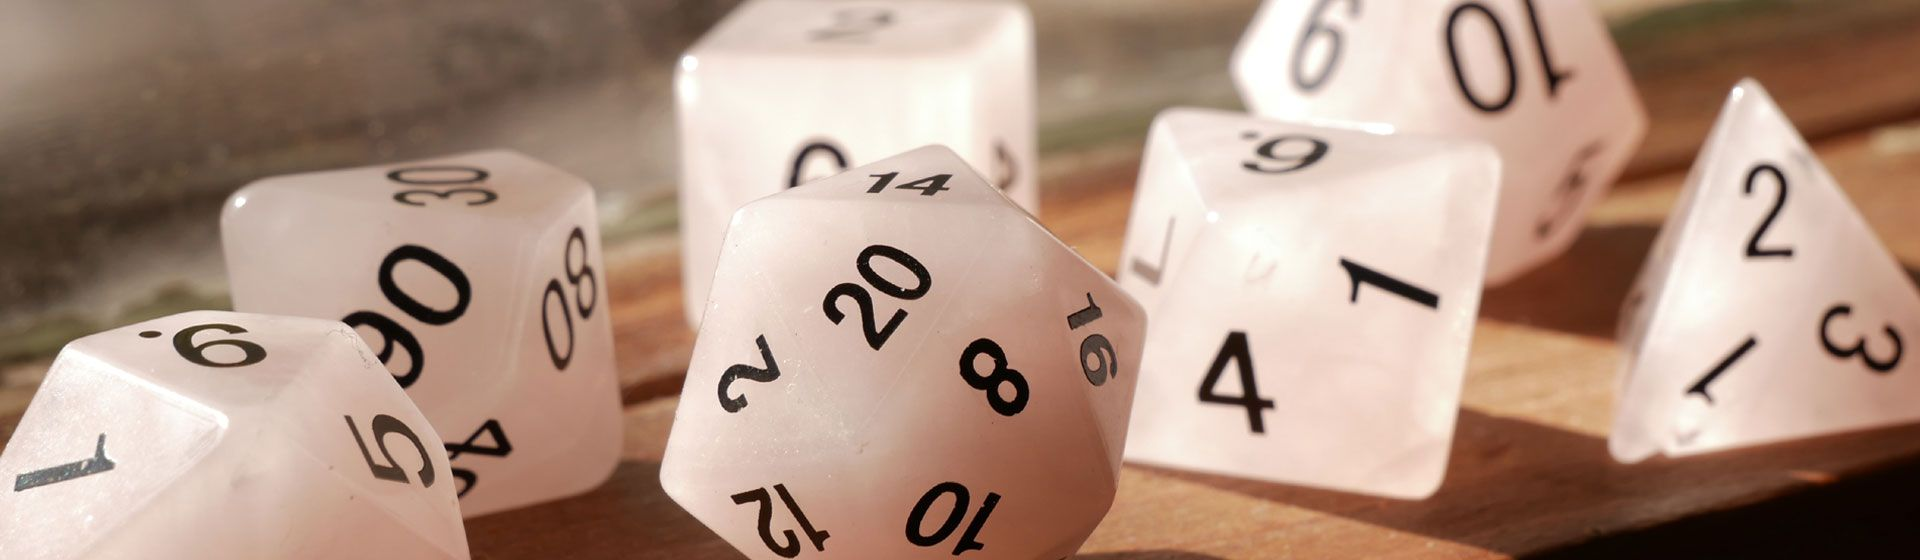 Dados RPG: saiba como usá-los e veja bons modelos para comprar